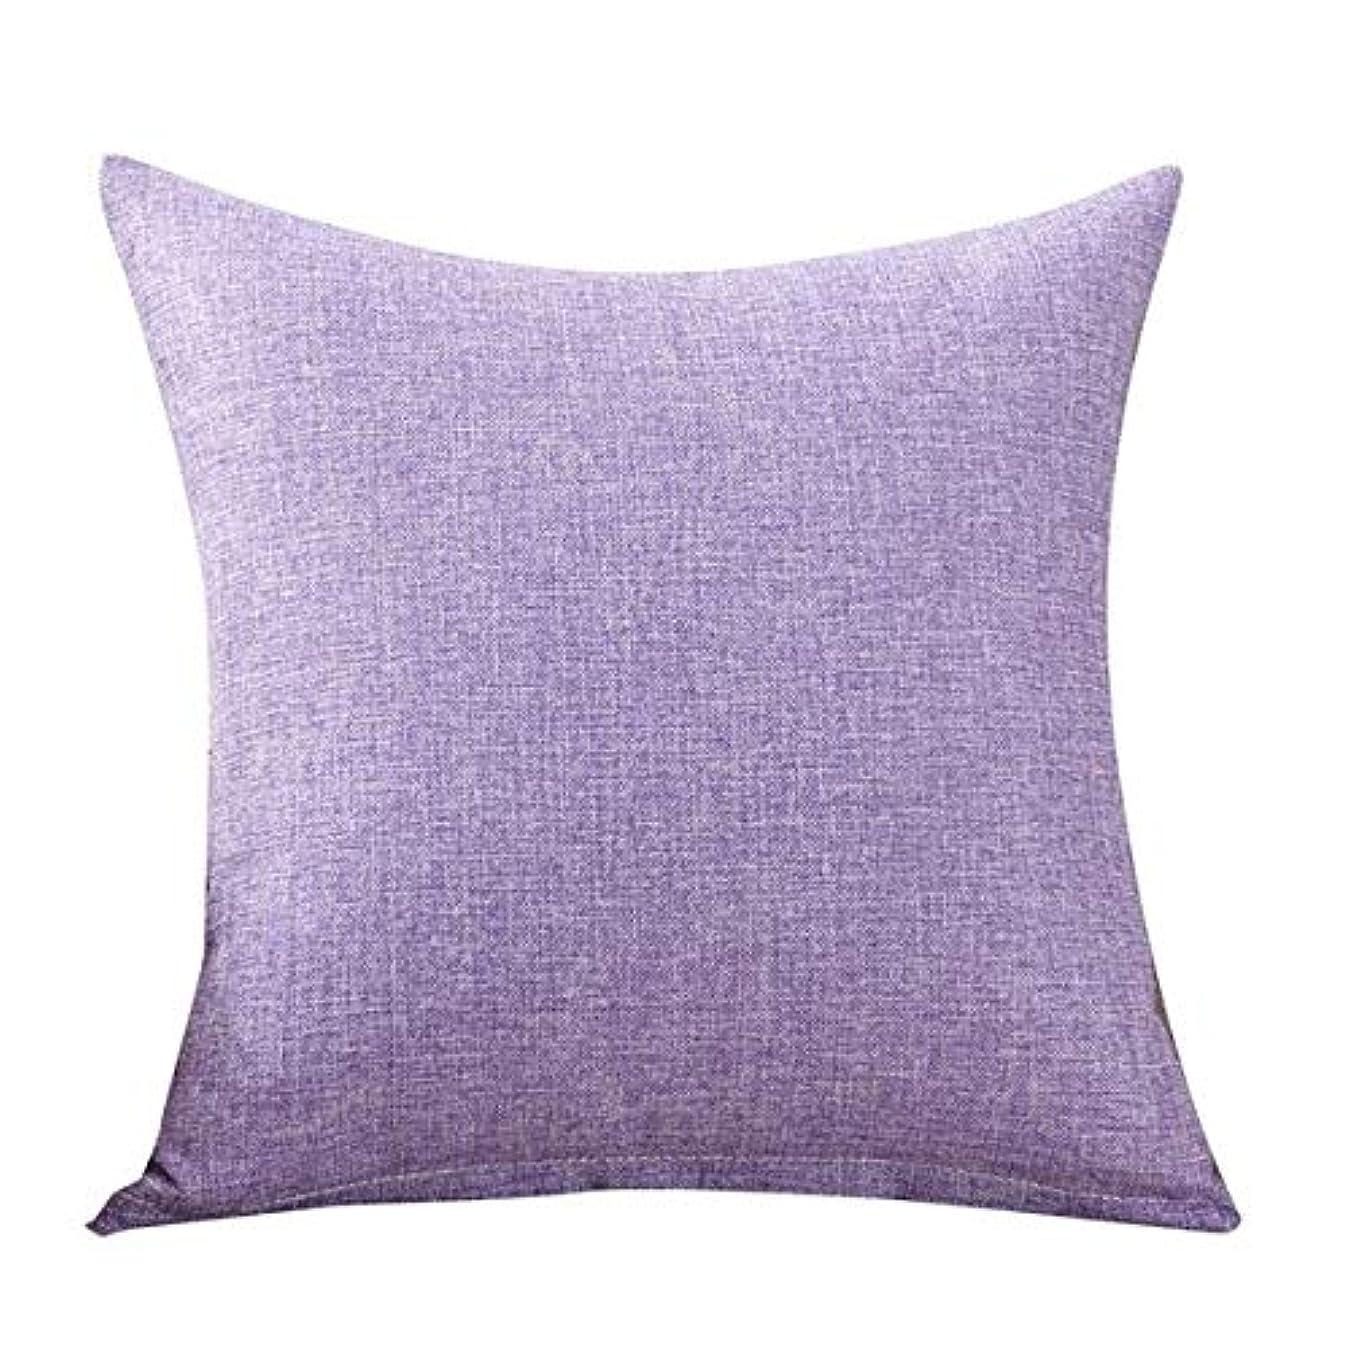 熱意我慢するせがむLIFE クリエイティブシンプルなファッションスロー枕クッションカフェソファクッションのホームインテリア z0403# G20 クッション 椅子